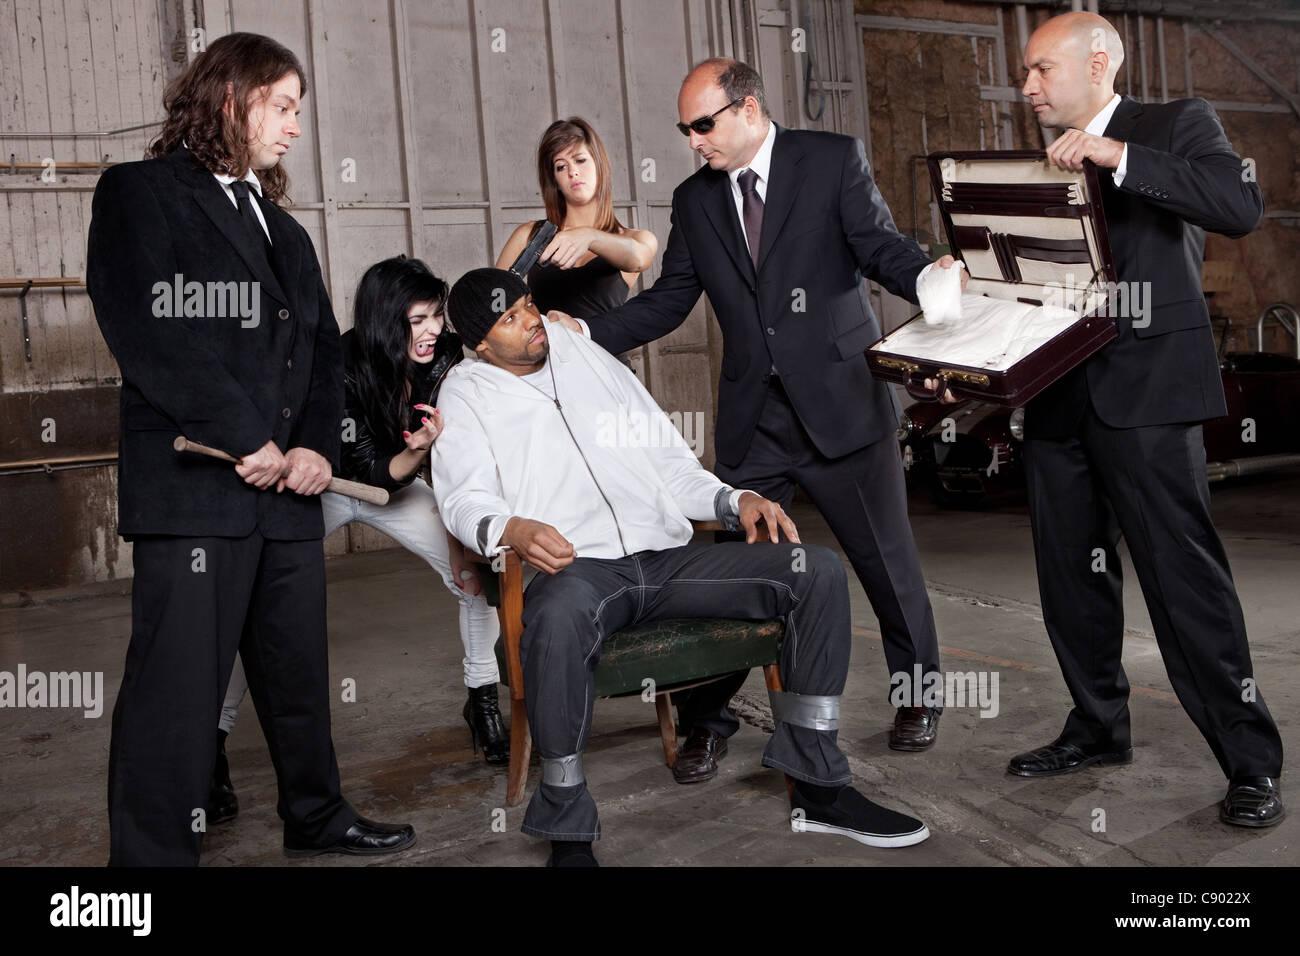 Mafia Interrogation over a drug deal gone wrong. - Stock Image